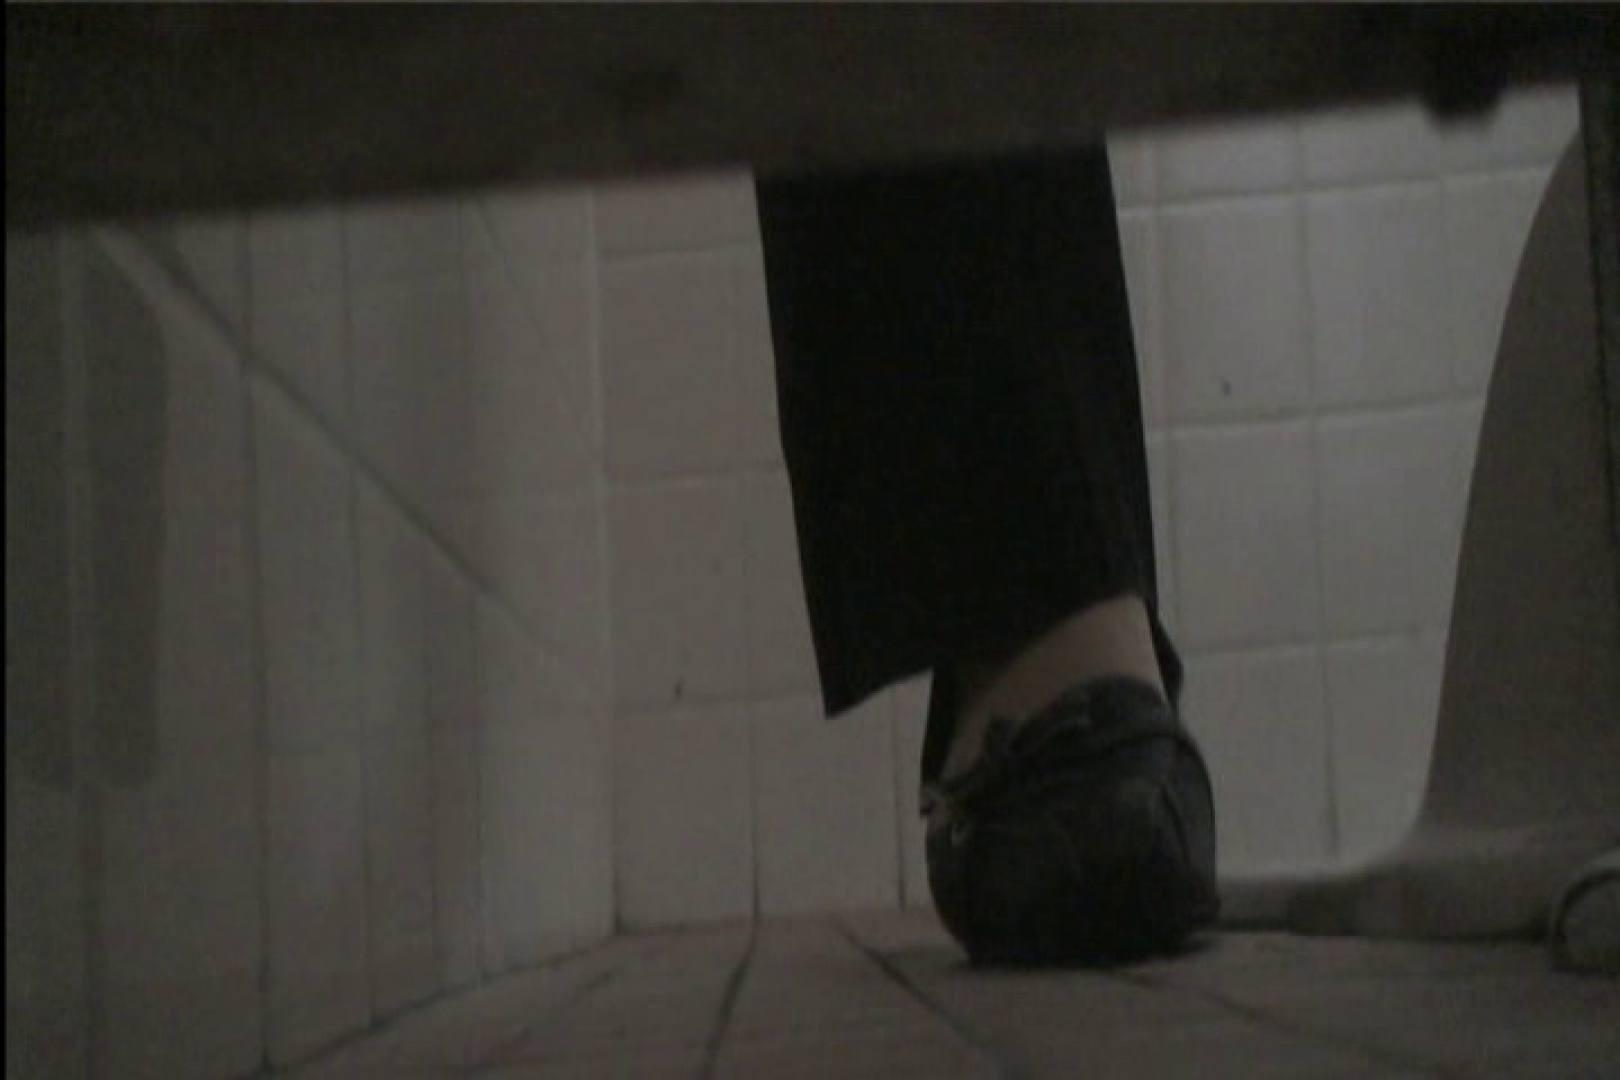 マンコ丸見え女子洗面所Vol.33 OLセックス のぞきエロ無料画像 50画像 47